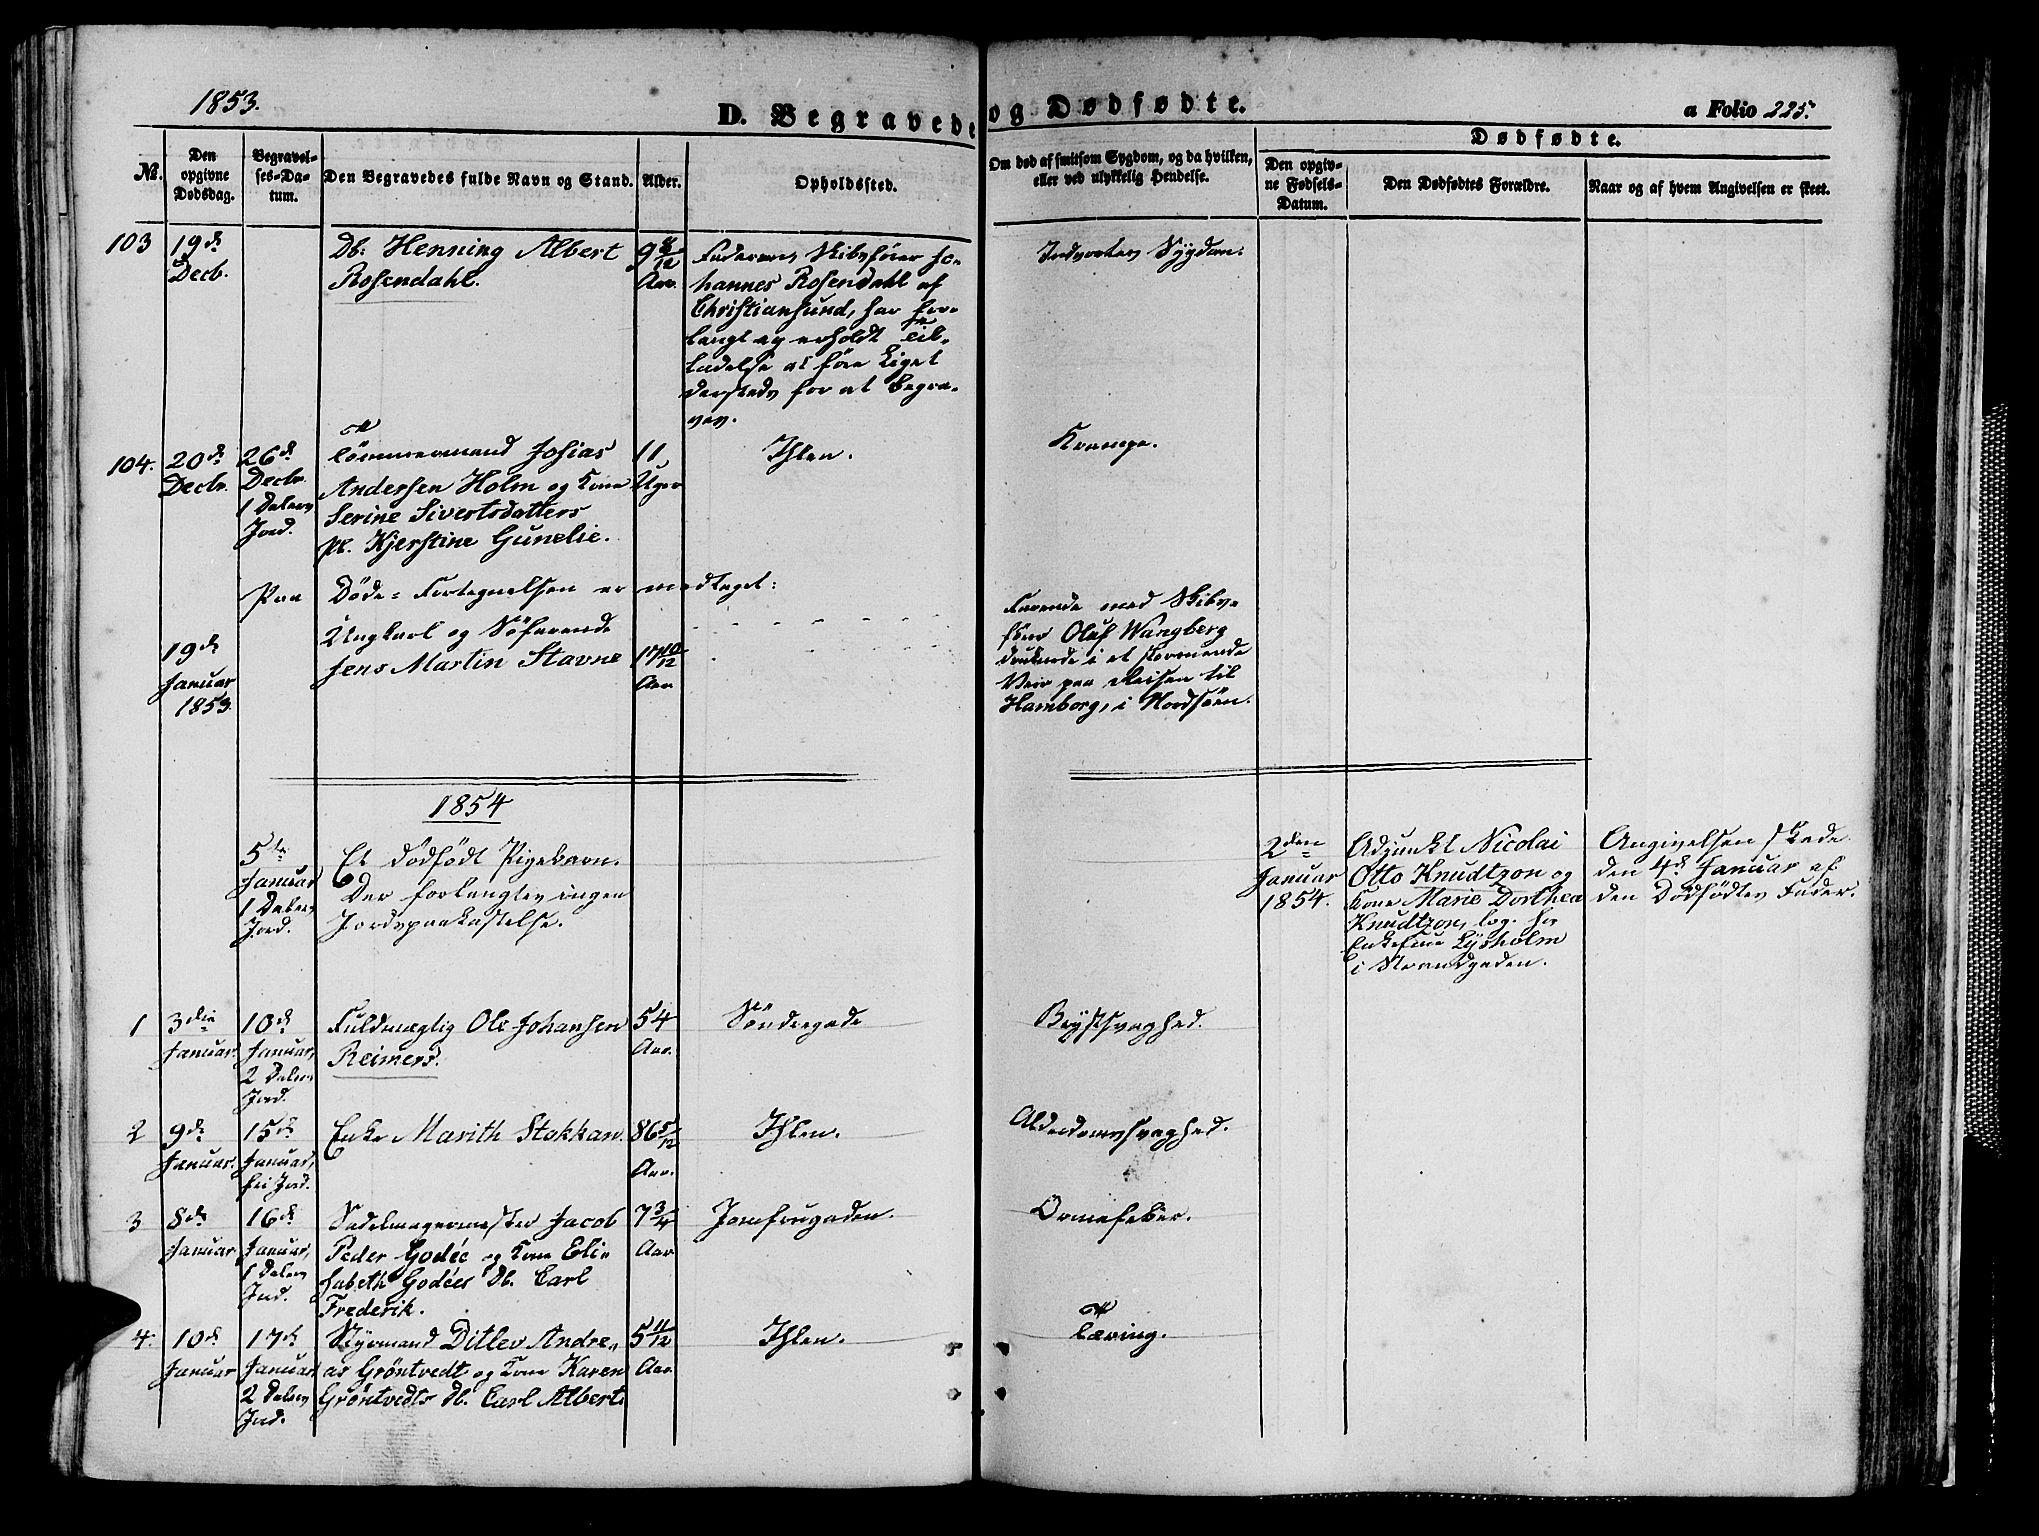 SAT, Ministerialprotokoller, klokkerbøker og fødselsregistre - Sør-Trøndelag, 602/L0138: Klokkerbok nr. 602C06, 1853-1858, s. 225